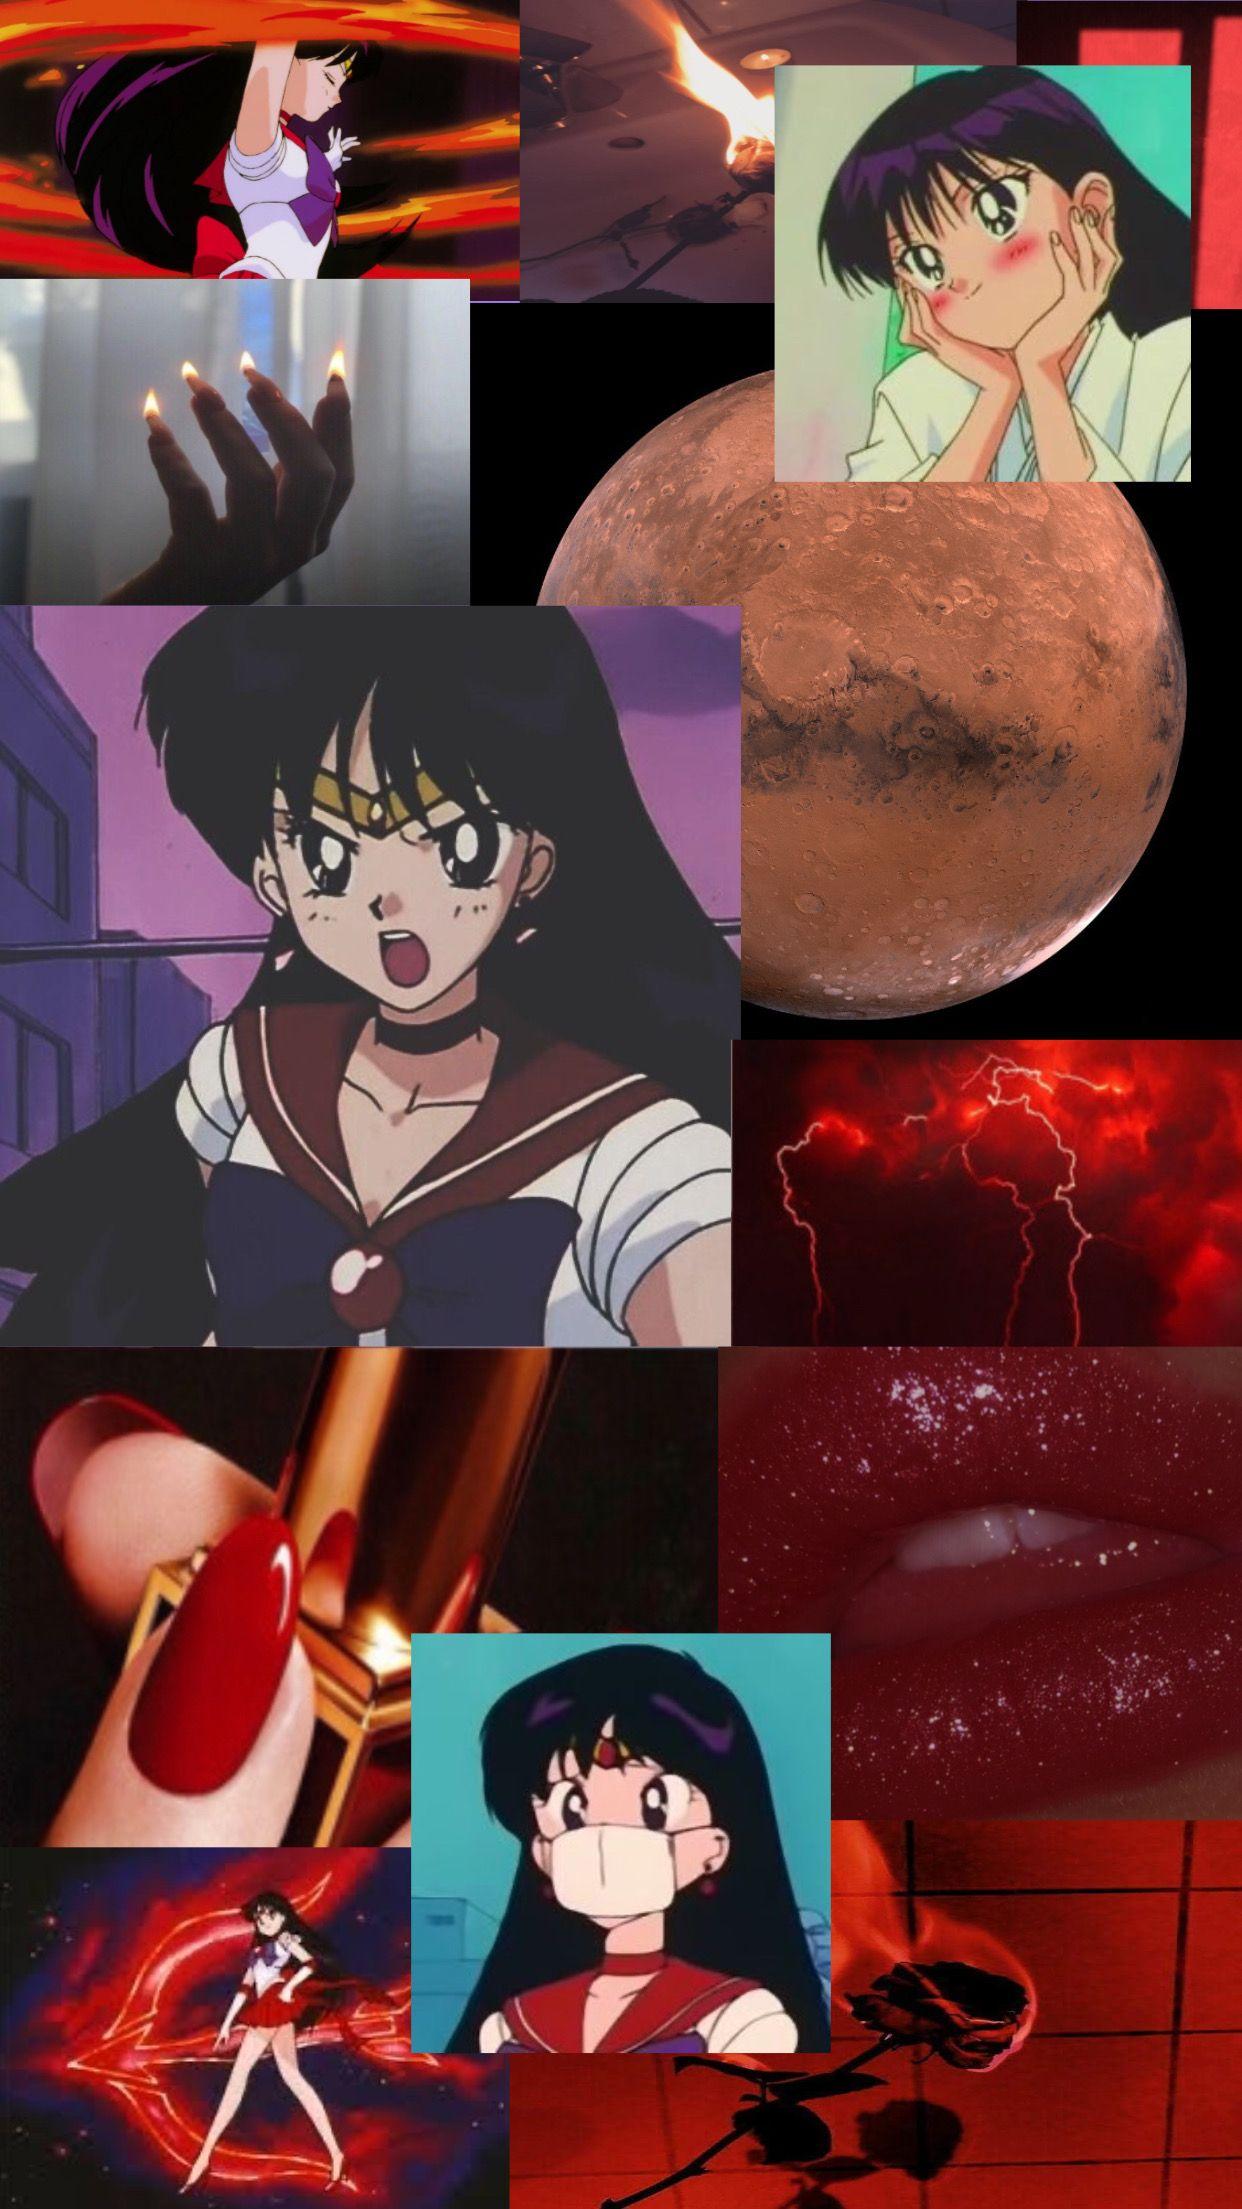 𝐂𝐡𝐚𝐧 𝐑𝐚𝐧 On Twitter Sailor Moon Art Sailor Moon Aesthetic Sailor Moon Fan Art